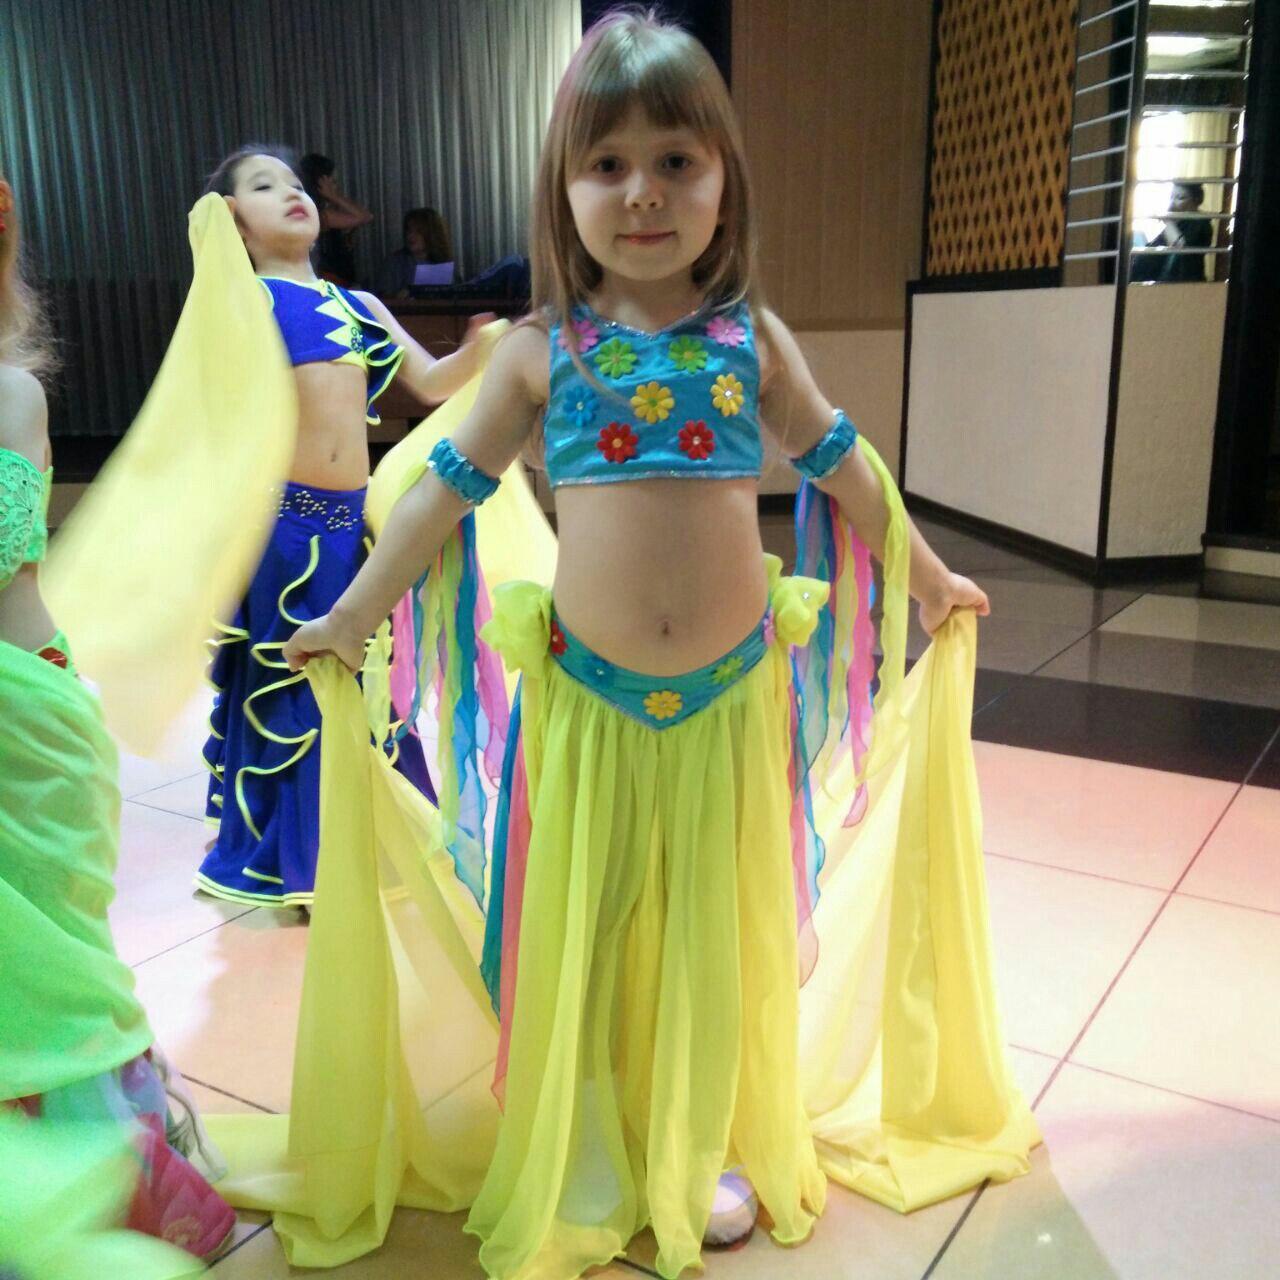 Бабаева Даша, восточные танцы, клуб Далийя